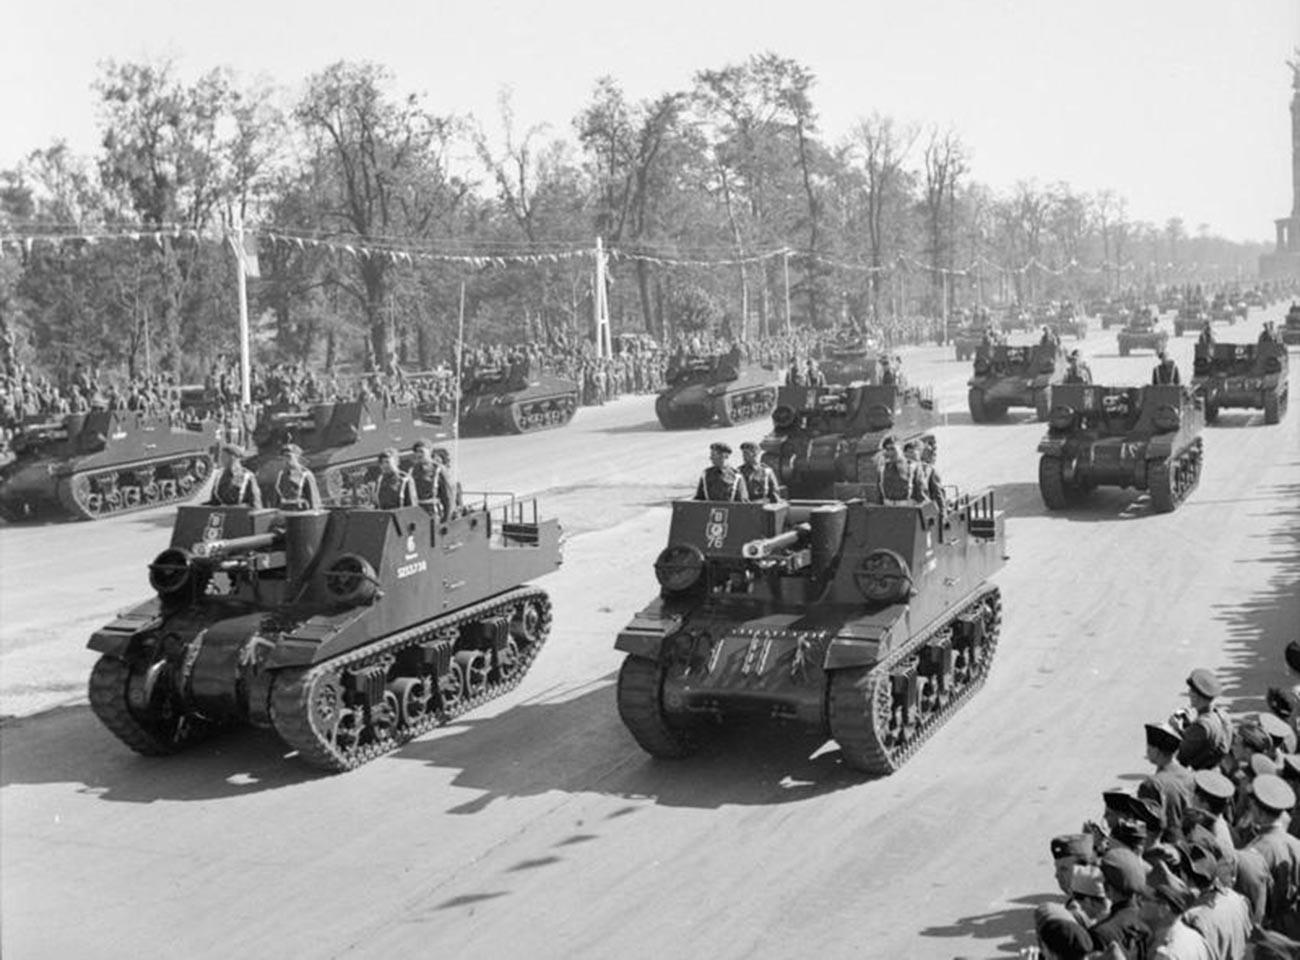 L'artiglieria semovente Sexton durante la parata del 7 settembre